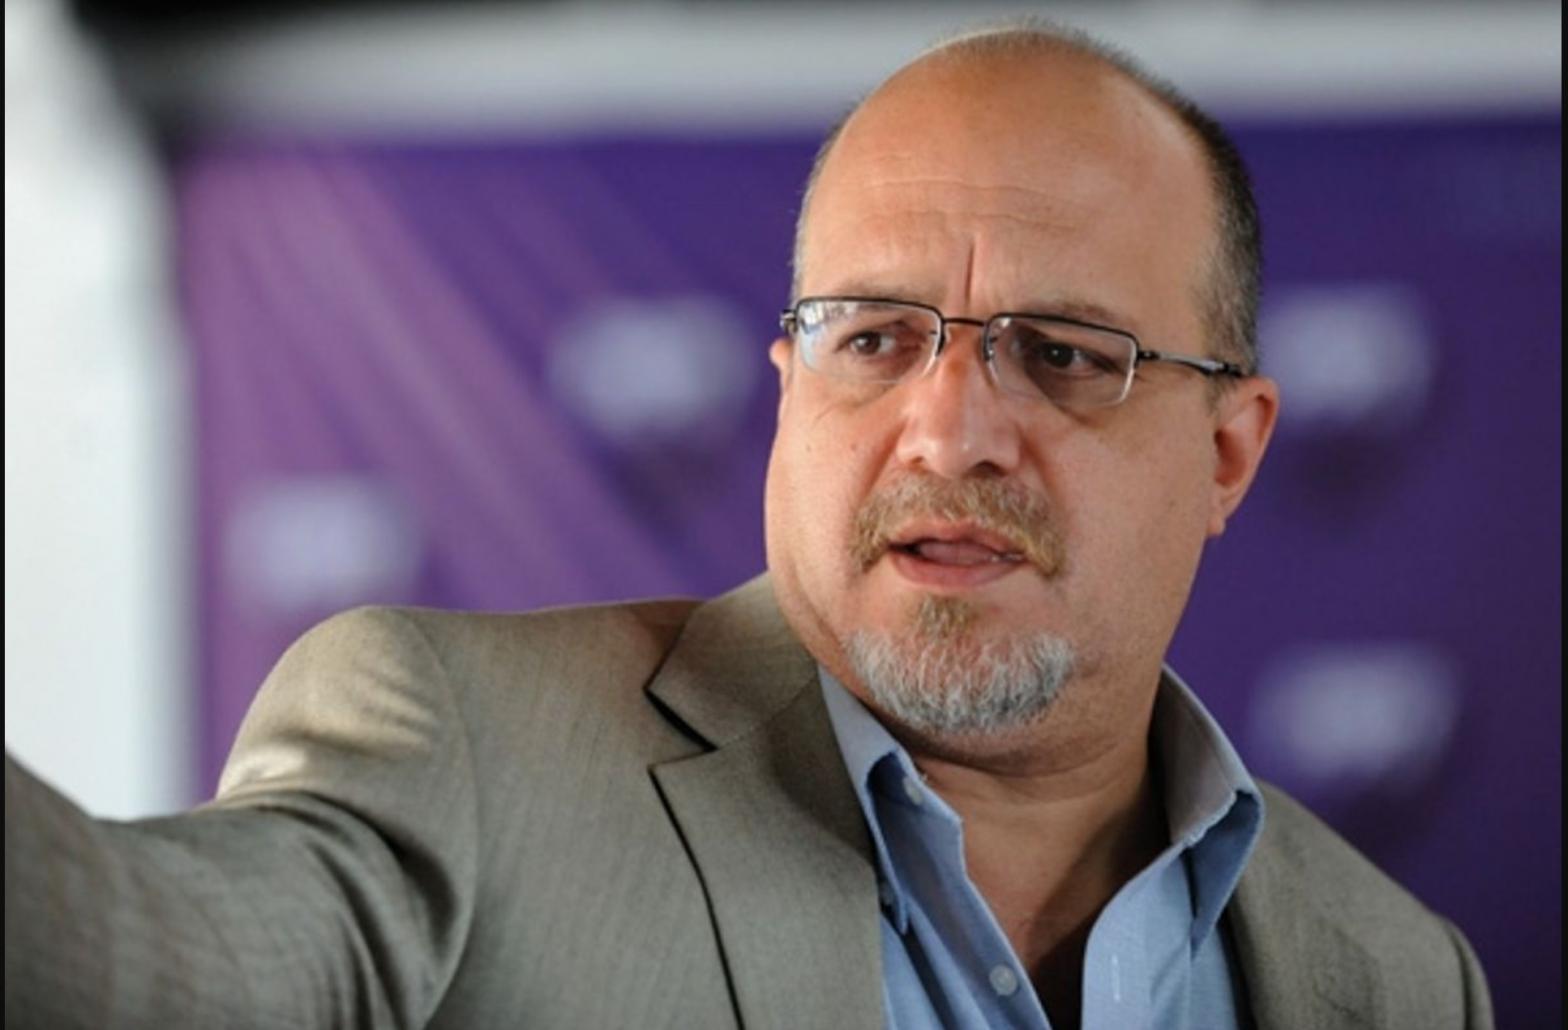 Rafael Bernabe Senador del Movimiento Victoria Ciudadana